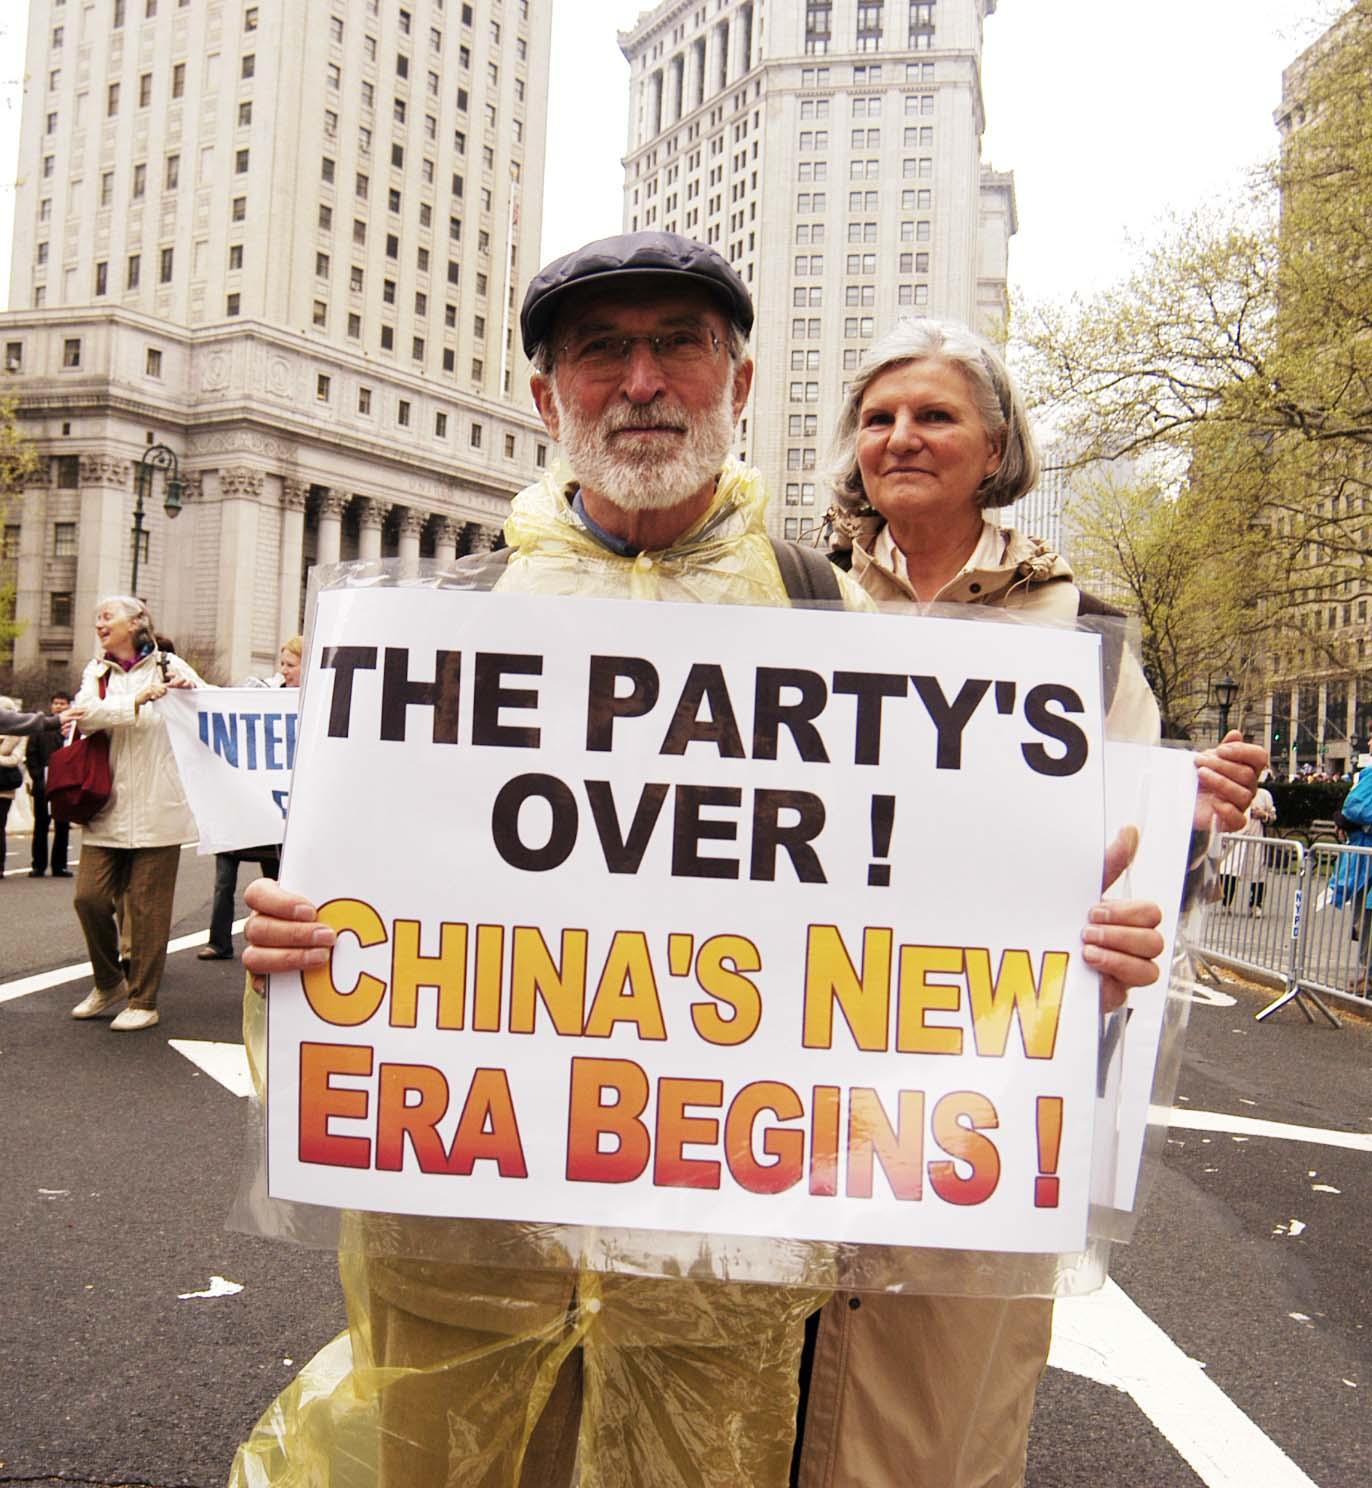 Mehr als 3 Millionen erklärten bereits ihren Austritt aus der KP Chinas